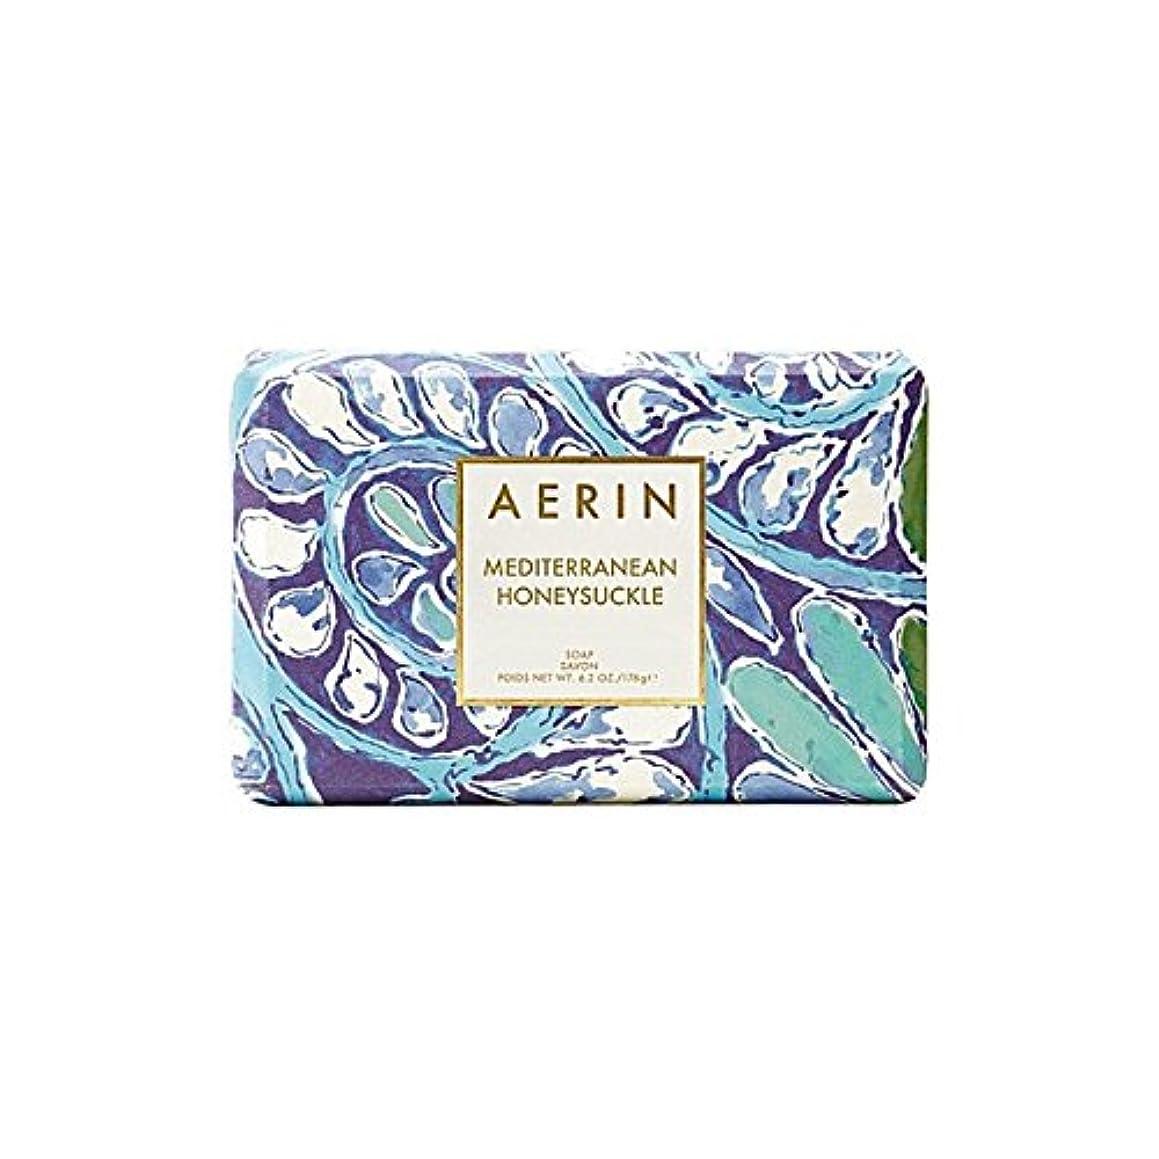 虫を数えるガードアルプスAerin Mediterrenean Honeysuckle Bar Soap 176G (Pack of 6) - スイカズラ固形石鹸176グラム x6 [並行輸入品]